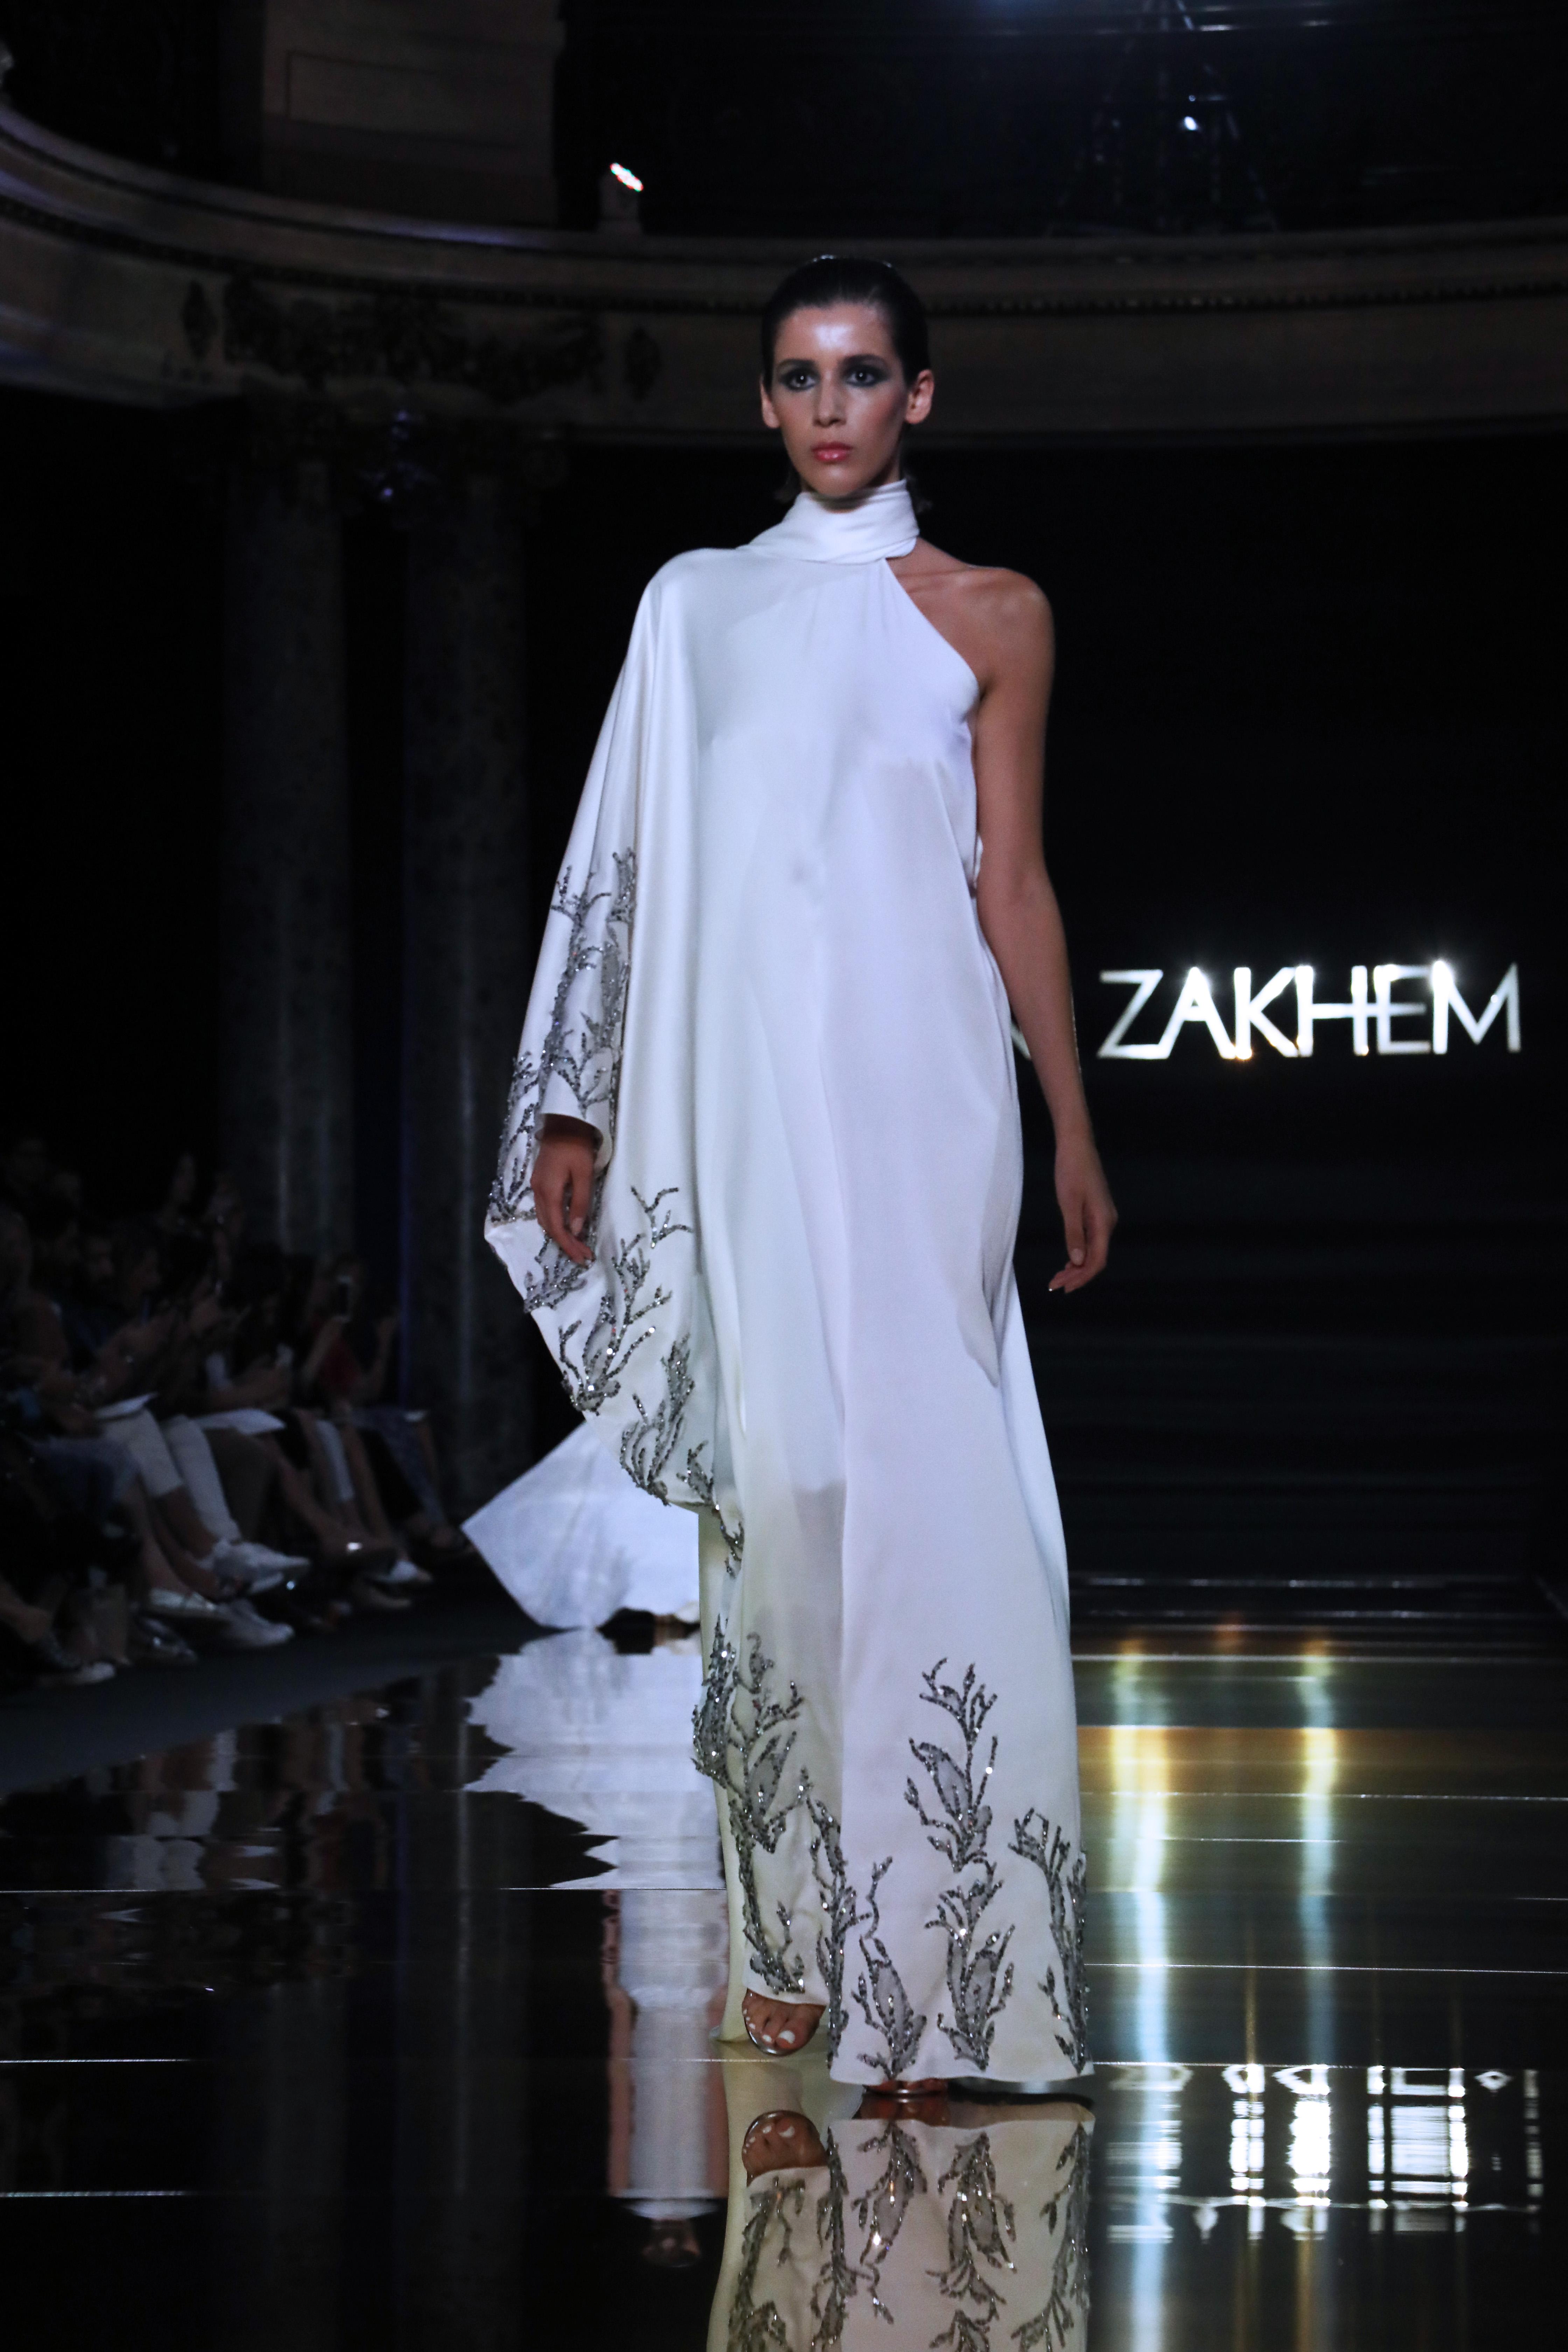 Rani Zakhem105